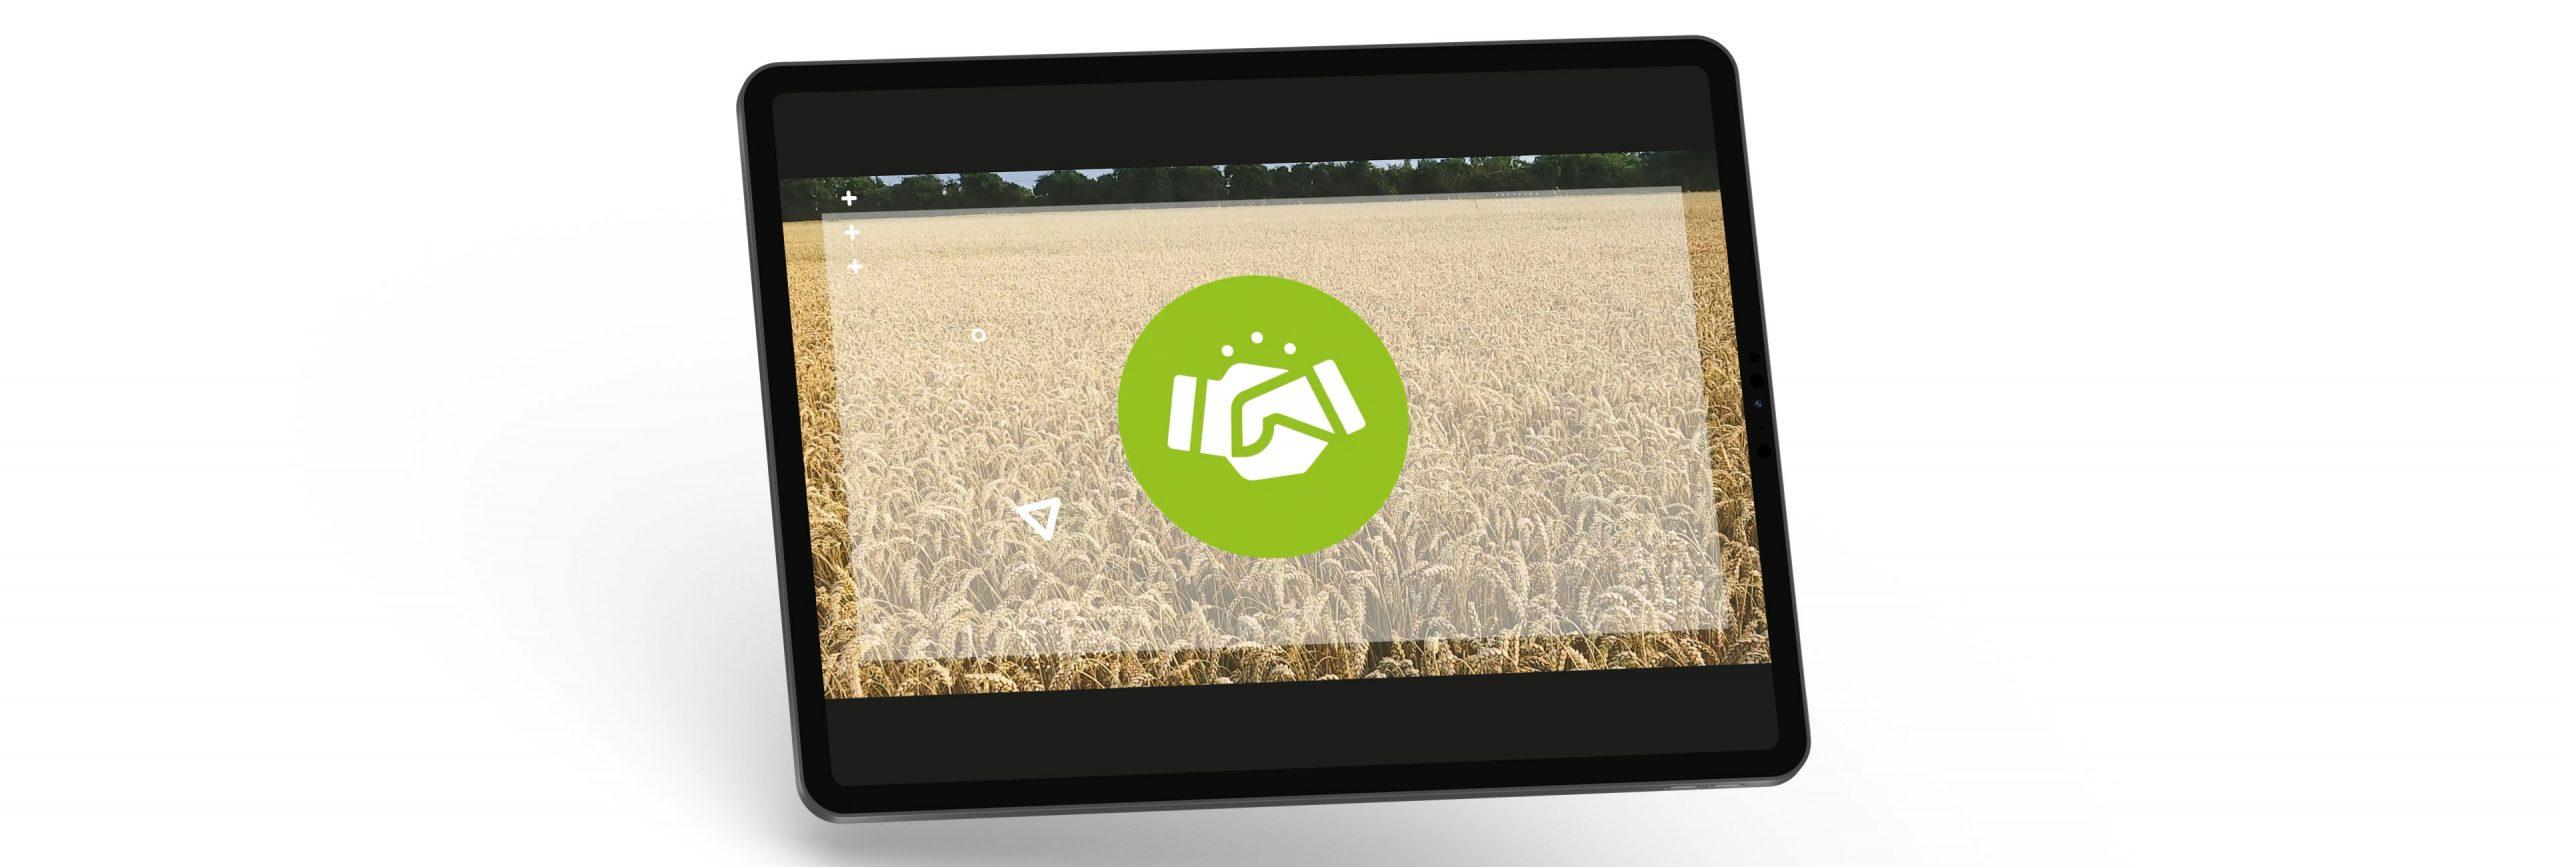 L'offre omnicanale Agrifeel pour les agriculteurs terres du sud